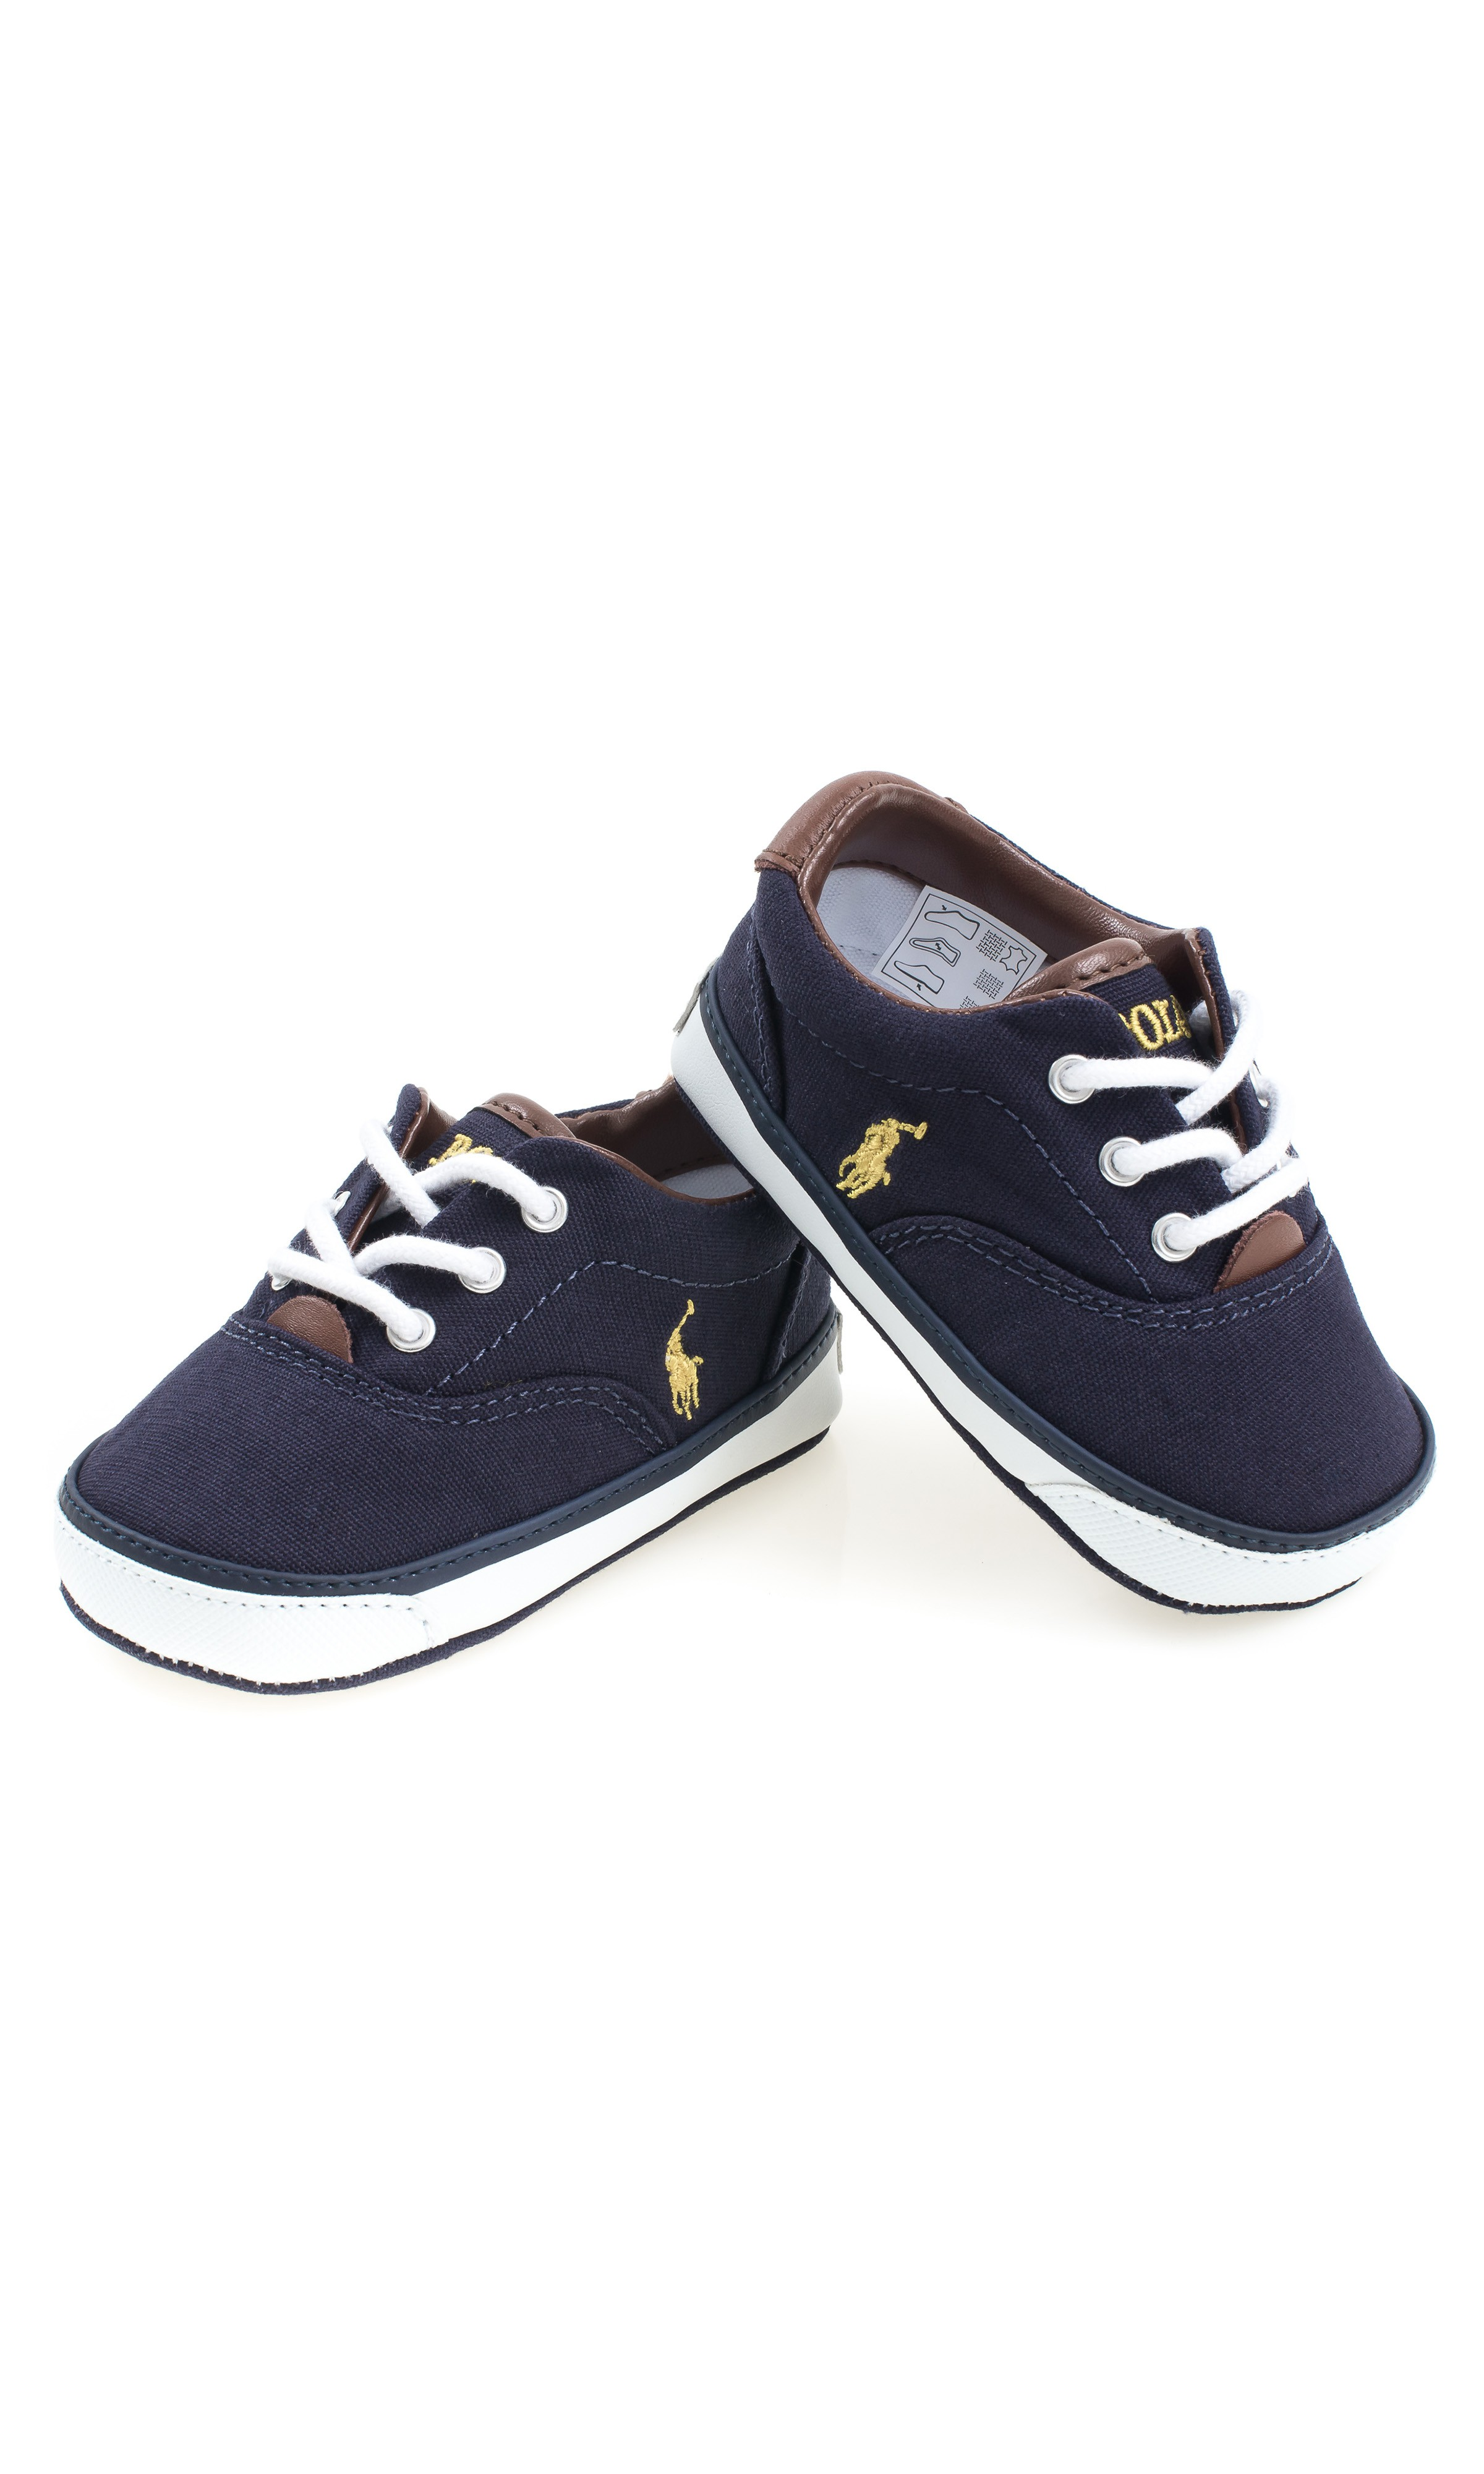 Chaussures Marine Pour Lauren Celebrity Ralph Club Bleu BébéPolo 7mbIy6vYgf